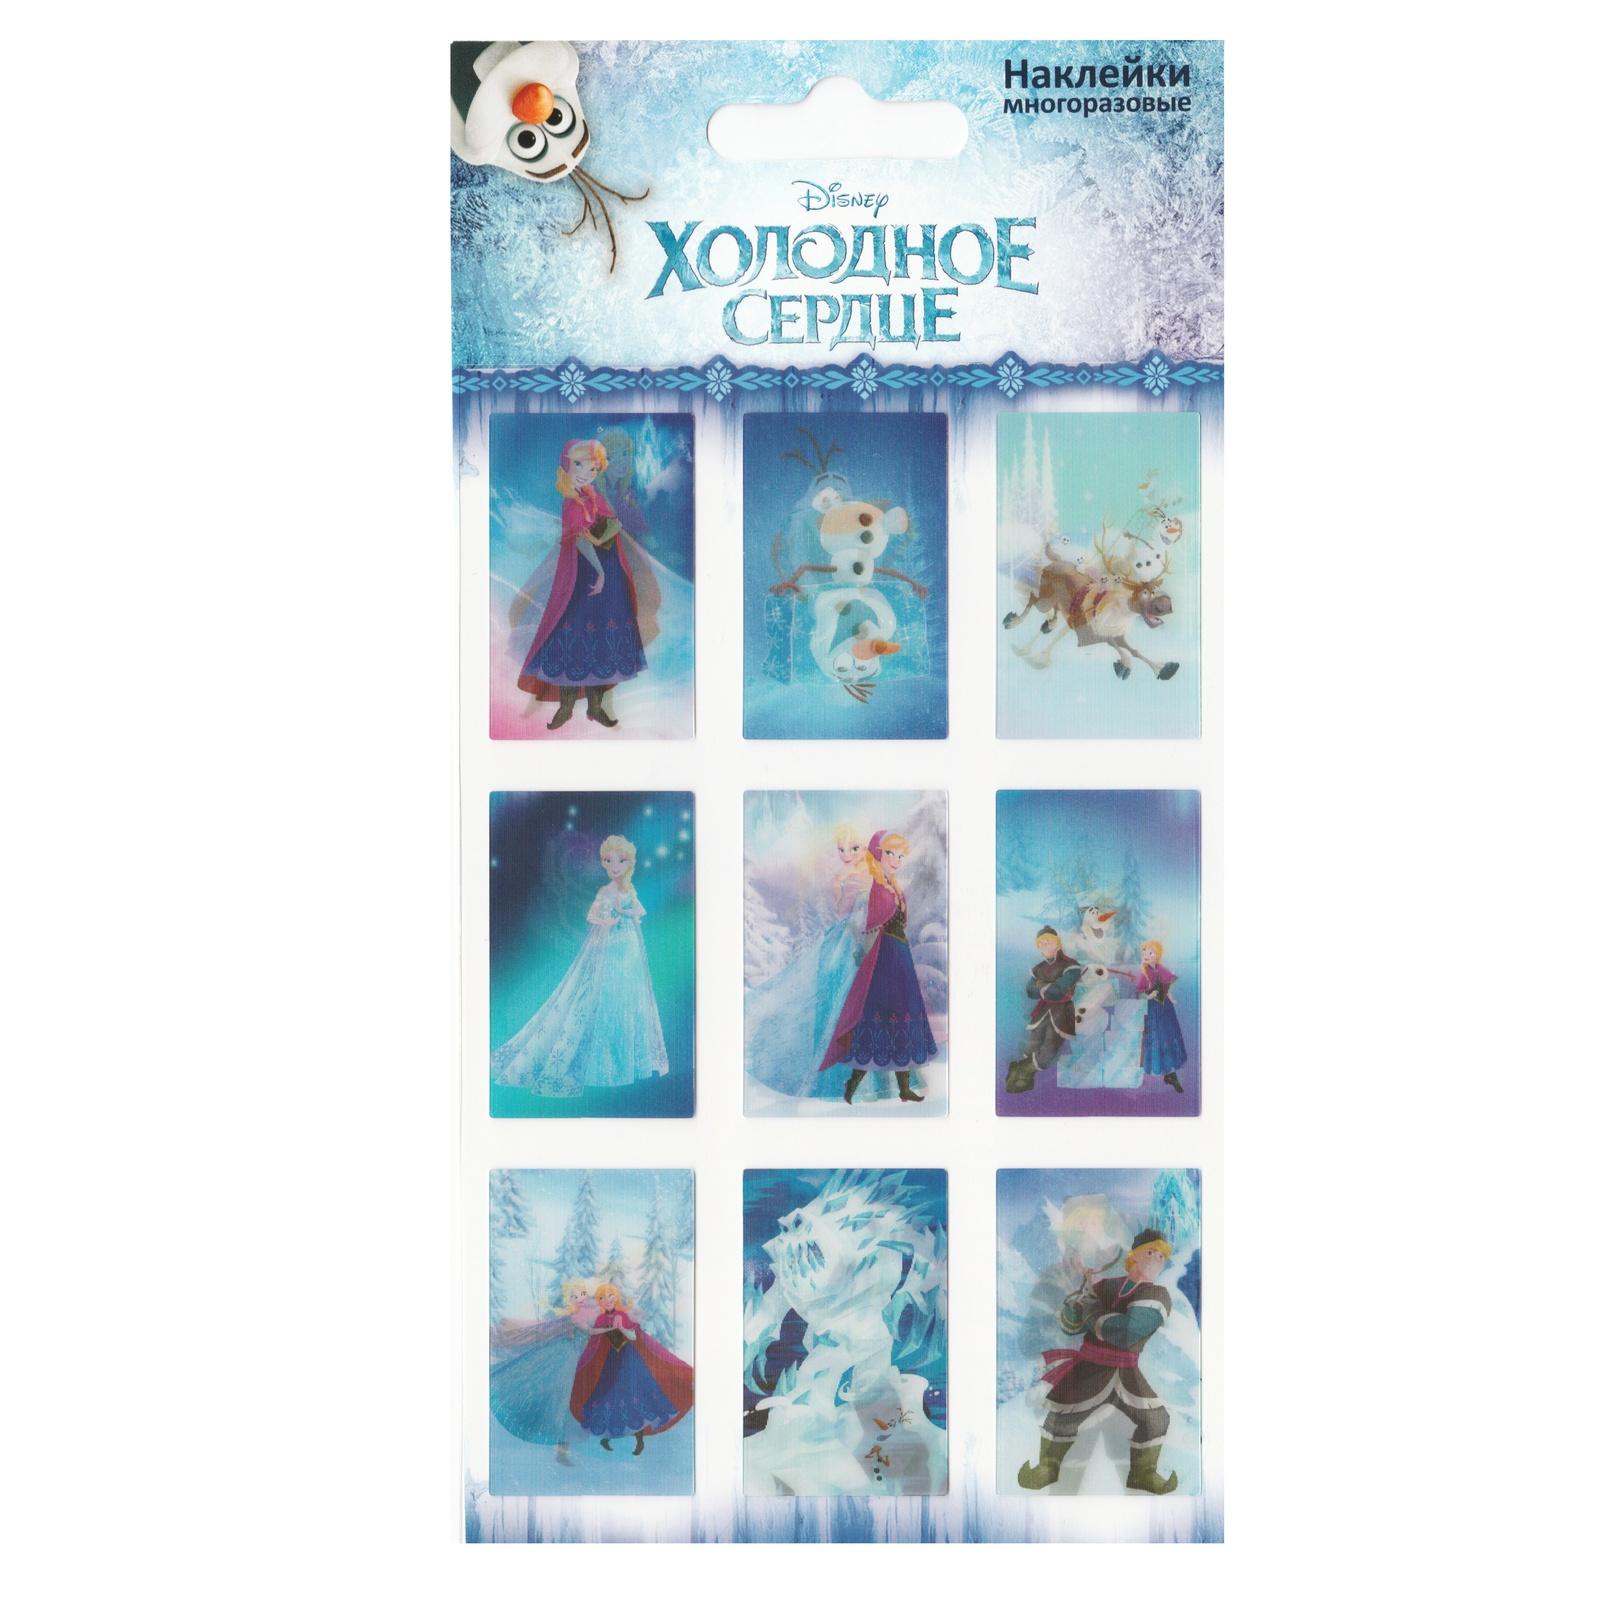 Набор наклеек Disney многоразовые Холодное Сердце набор аппликаций disney холодное сердце